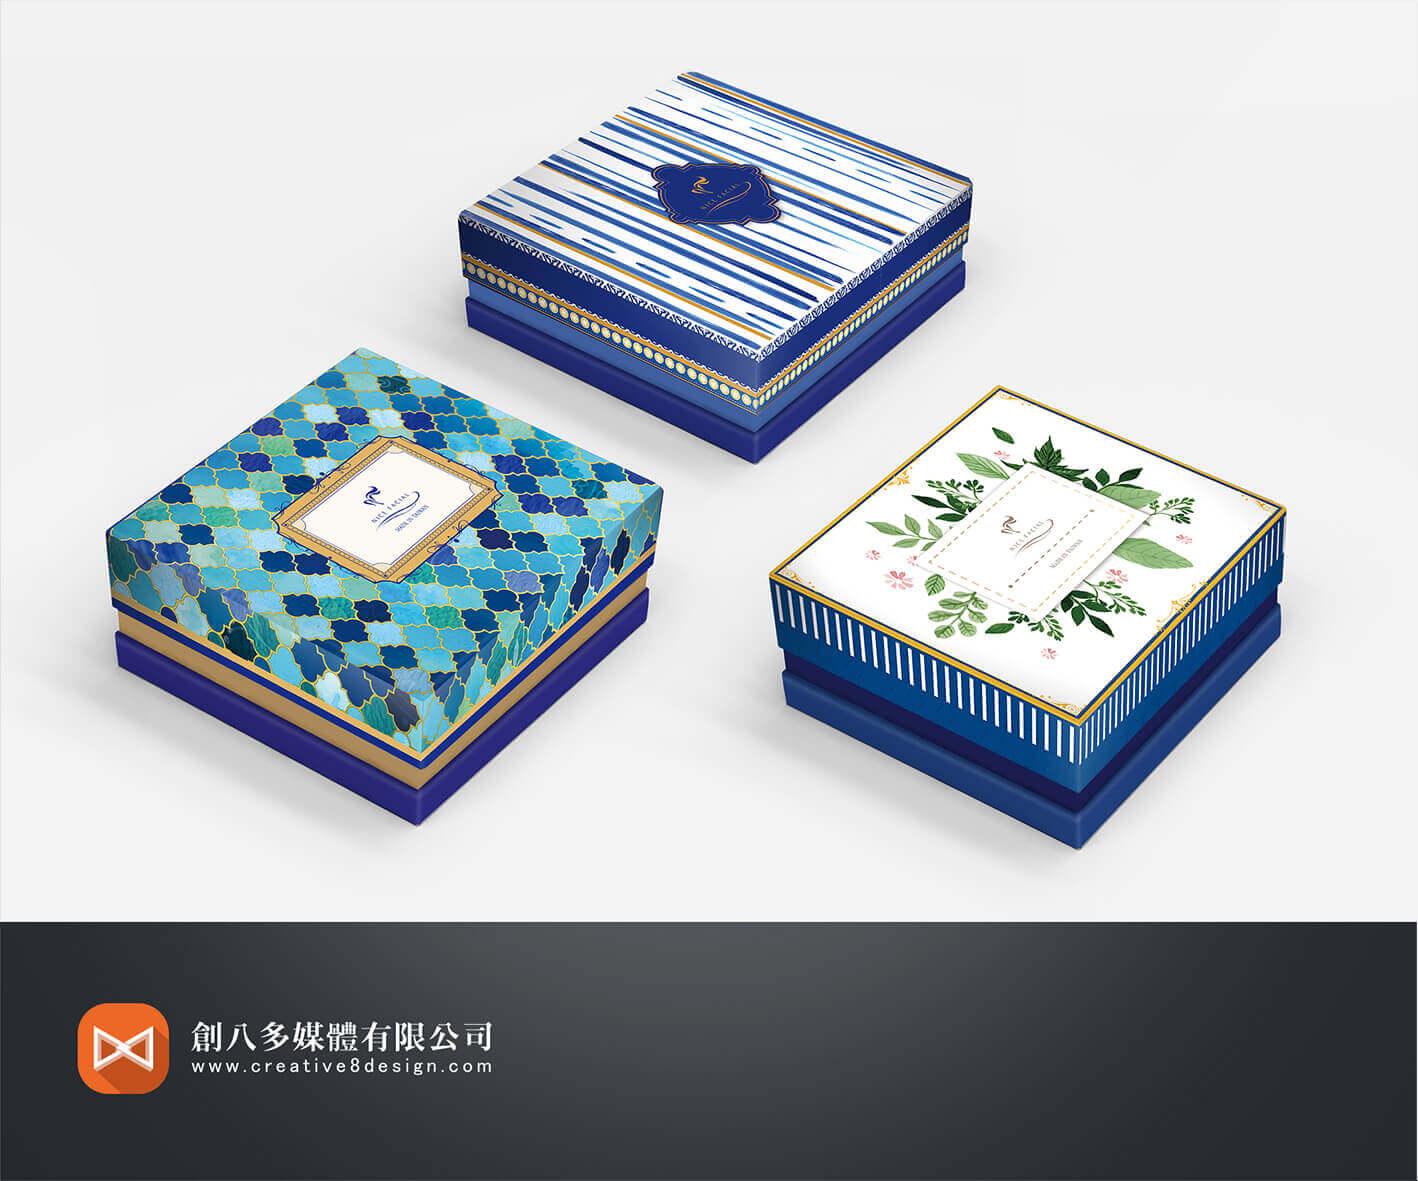 包裝設計作品:NICE FACIAL-禮盒包裝-創八多媒體有限公司